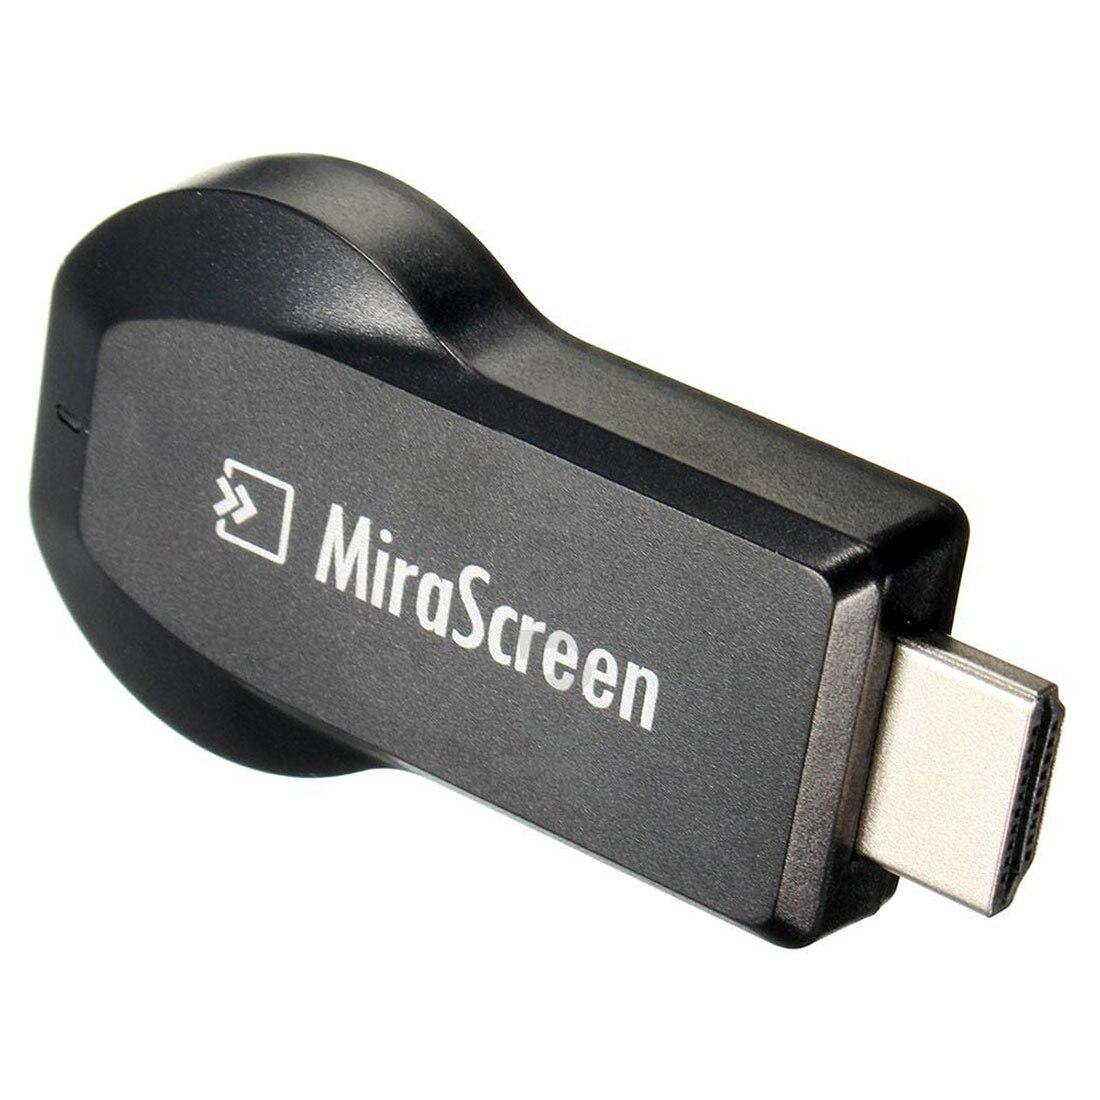 CATS Mirascreen Mini wireless Wifi Display Dongle